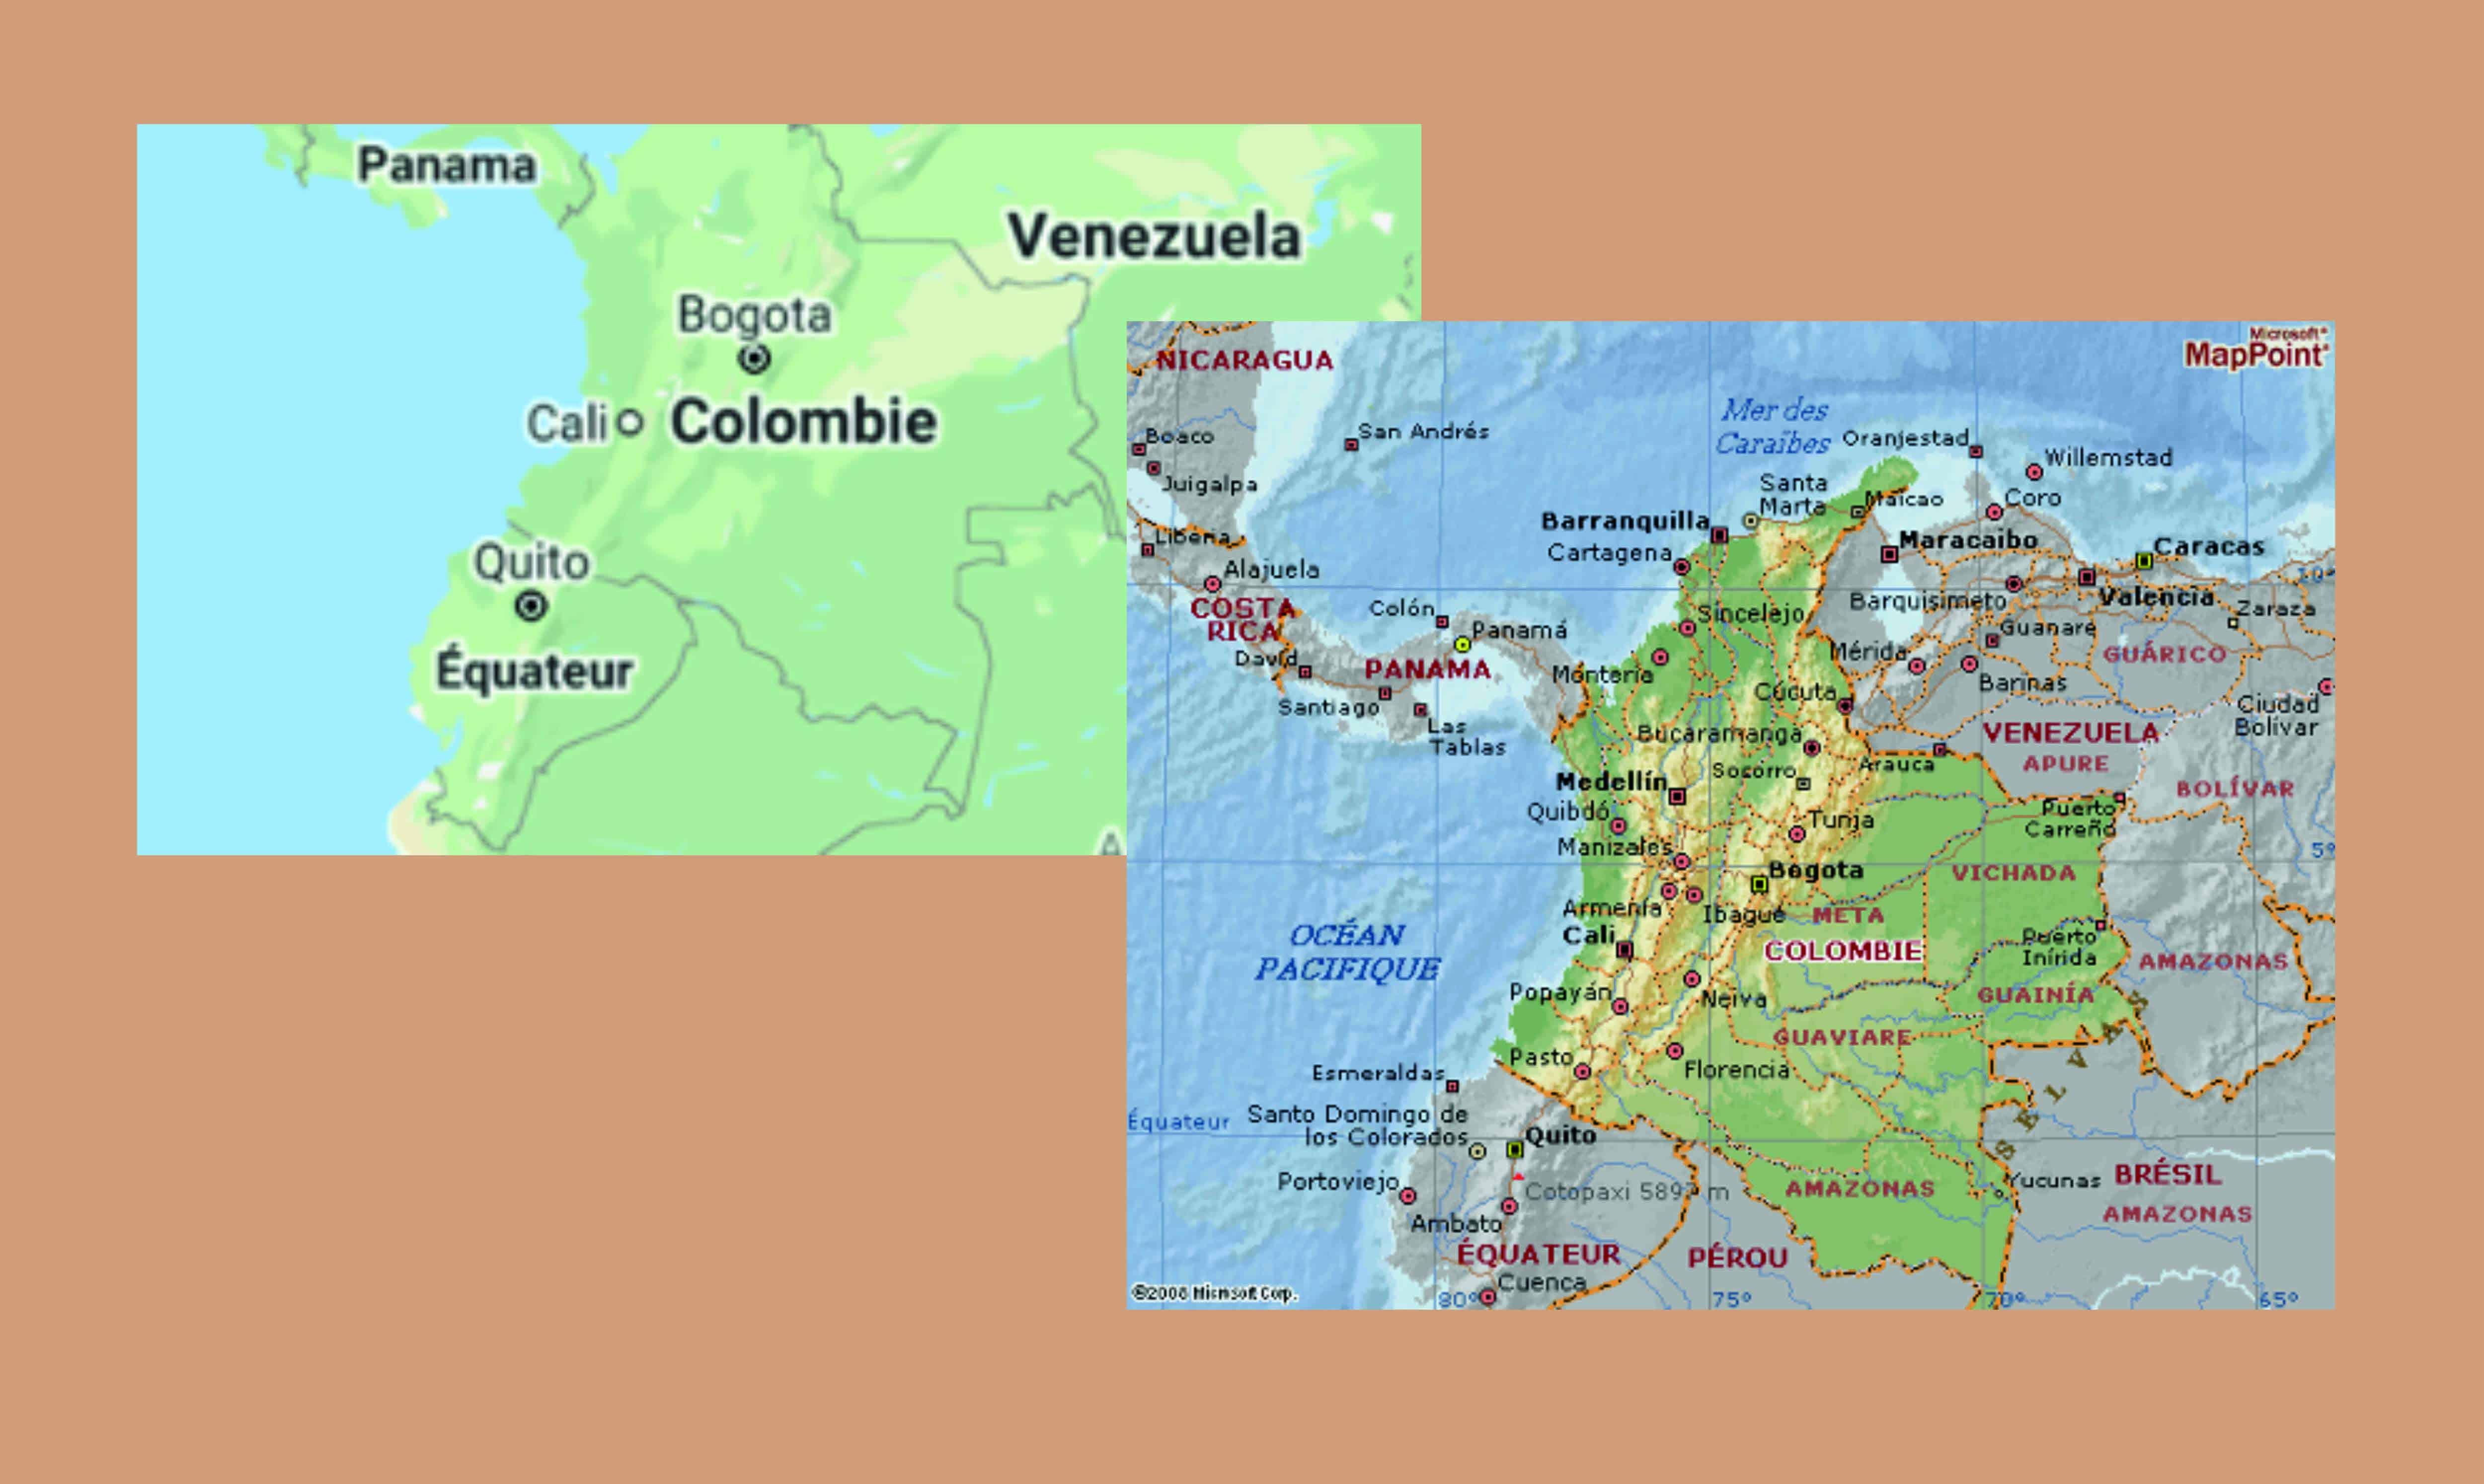 Représentation de 2 cartes de la Colombie